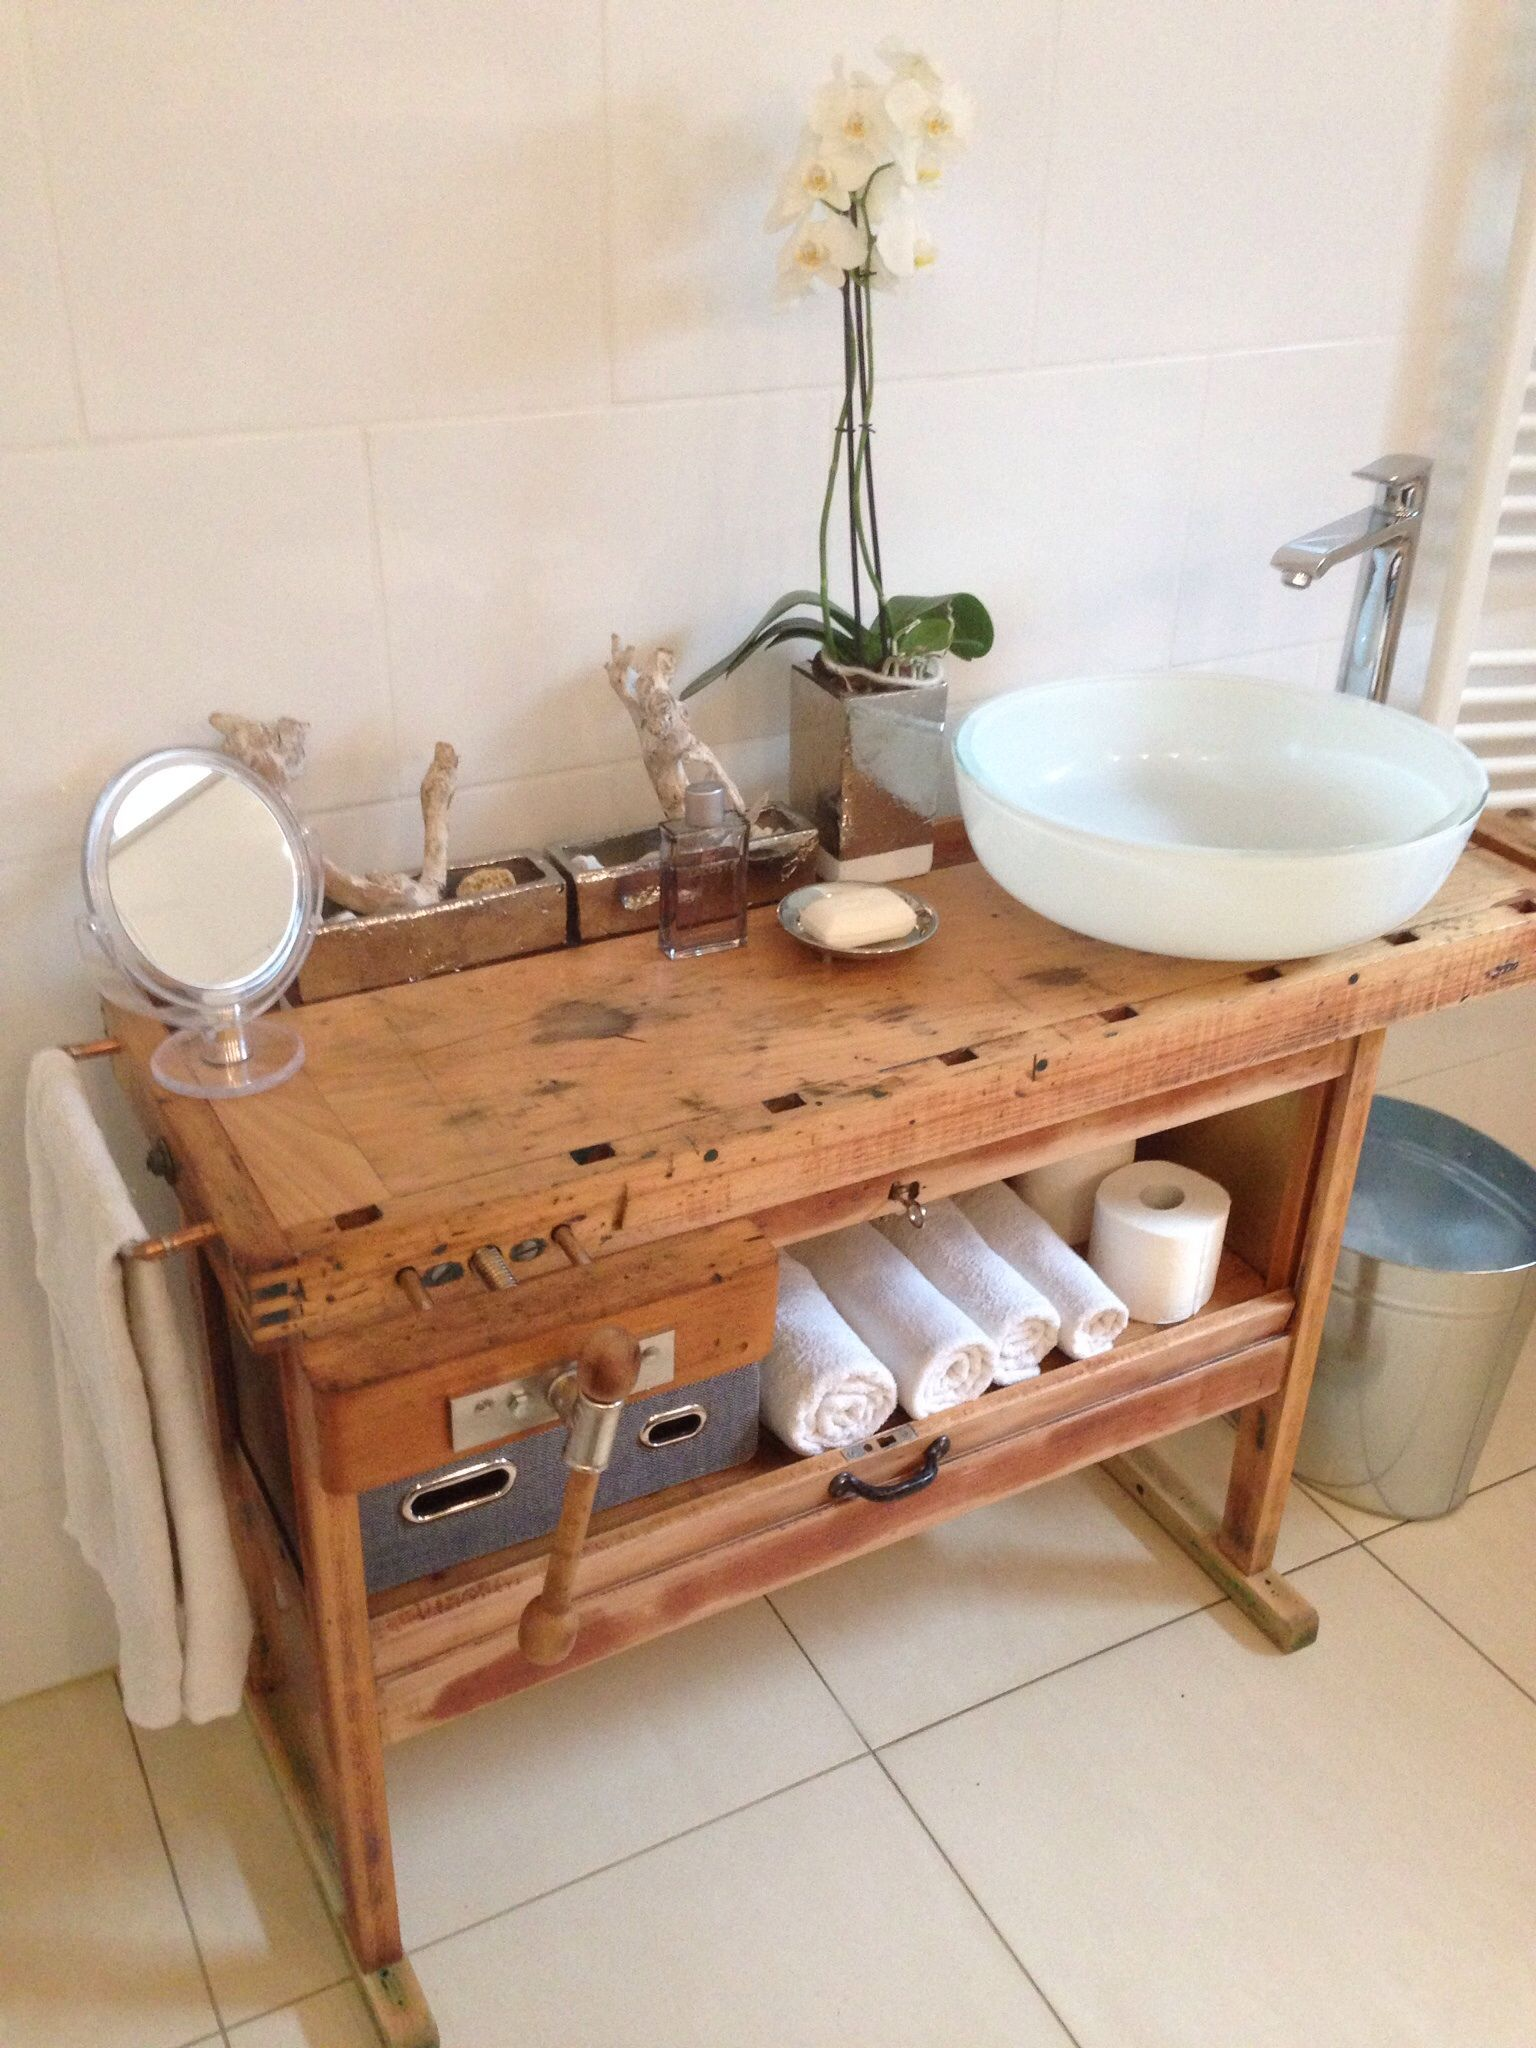 waschtisch aus einer hobelbank bad pinterest hobelbank waschtisch und nrw. Black Bedroom Furniture Sets. Home Design Ideas